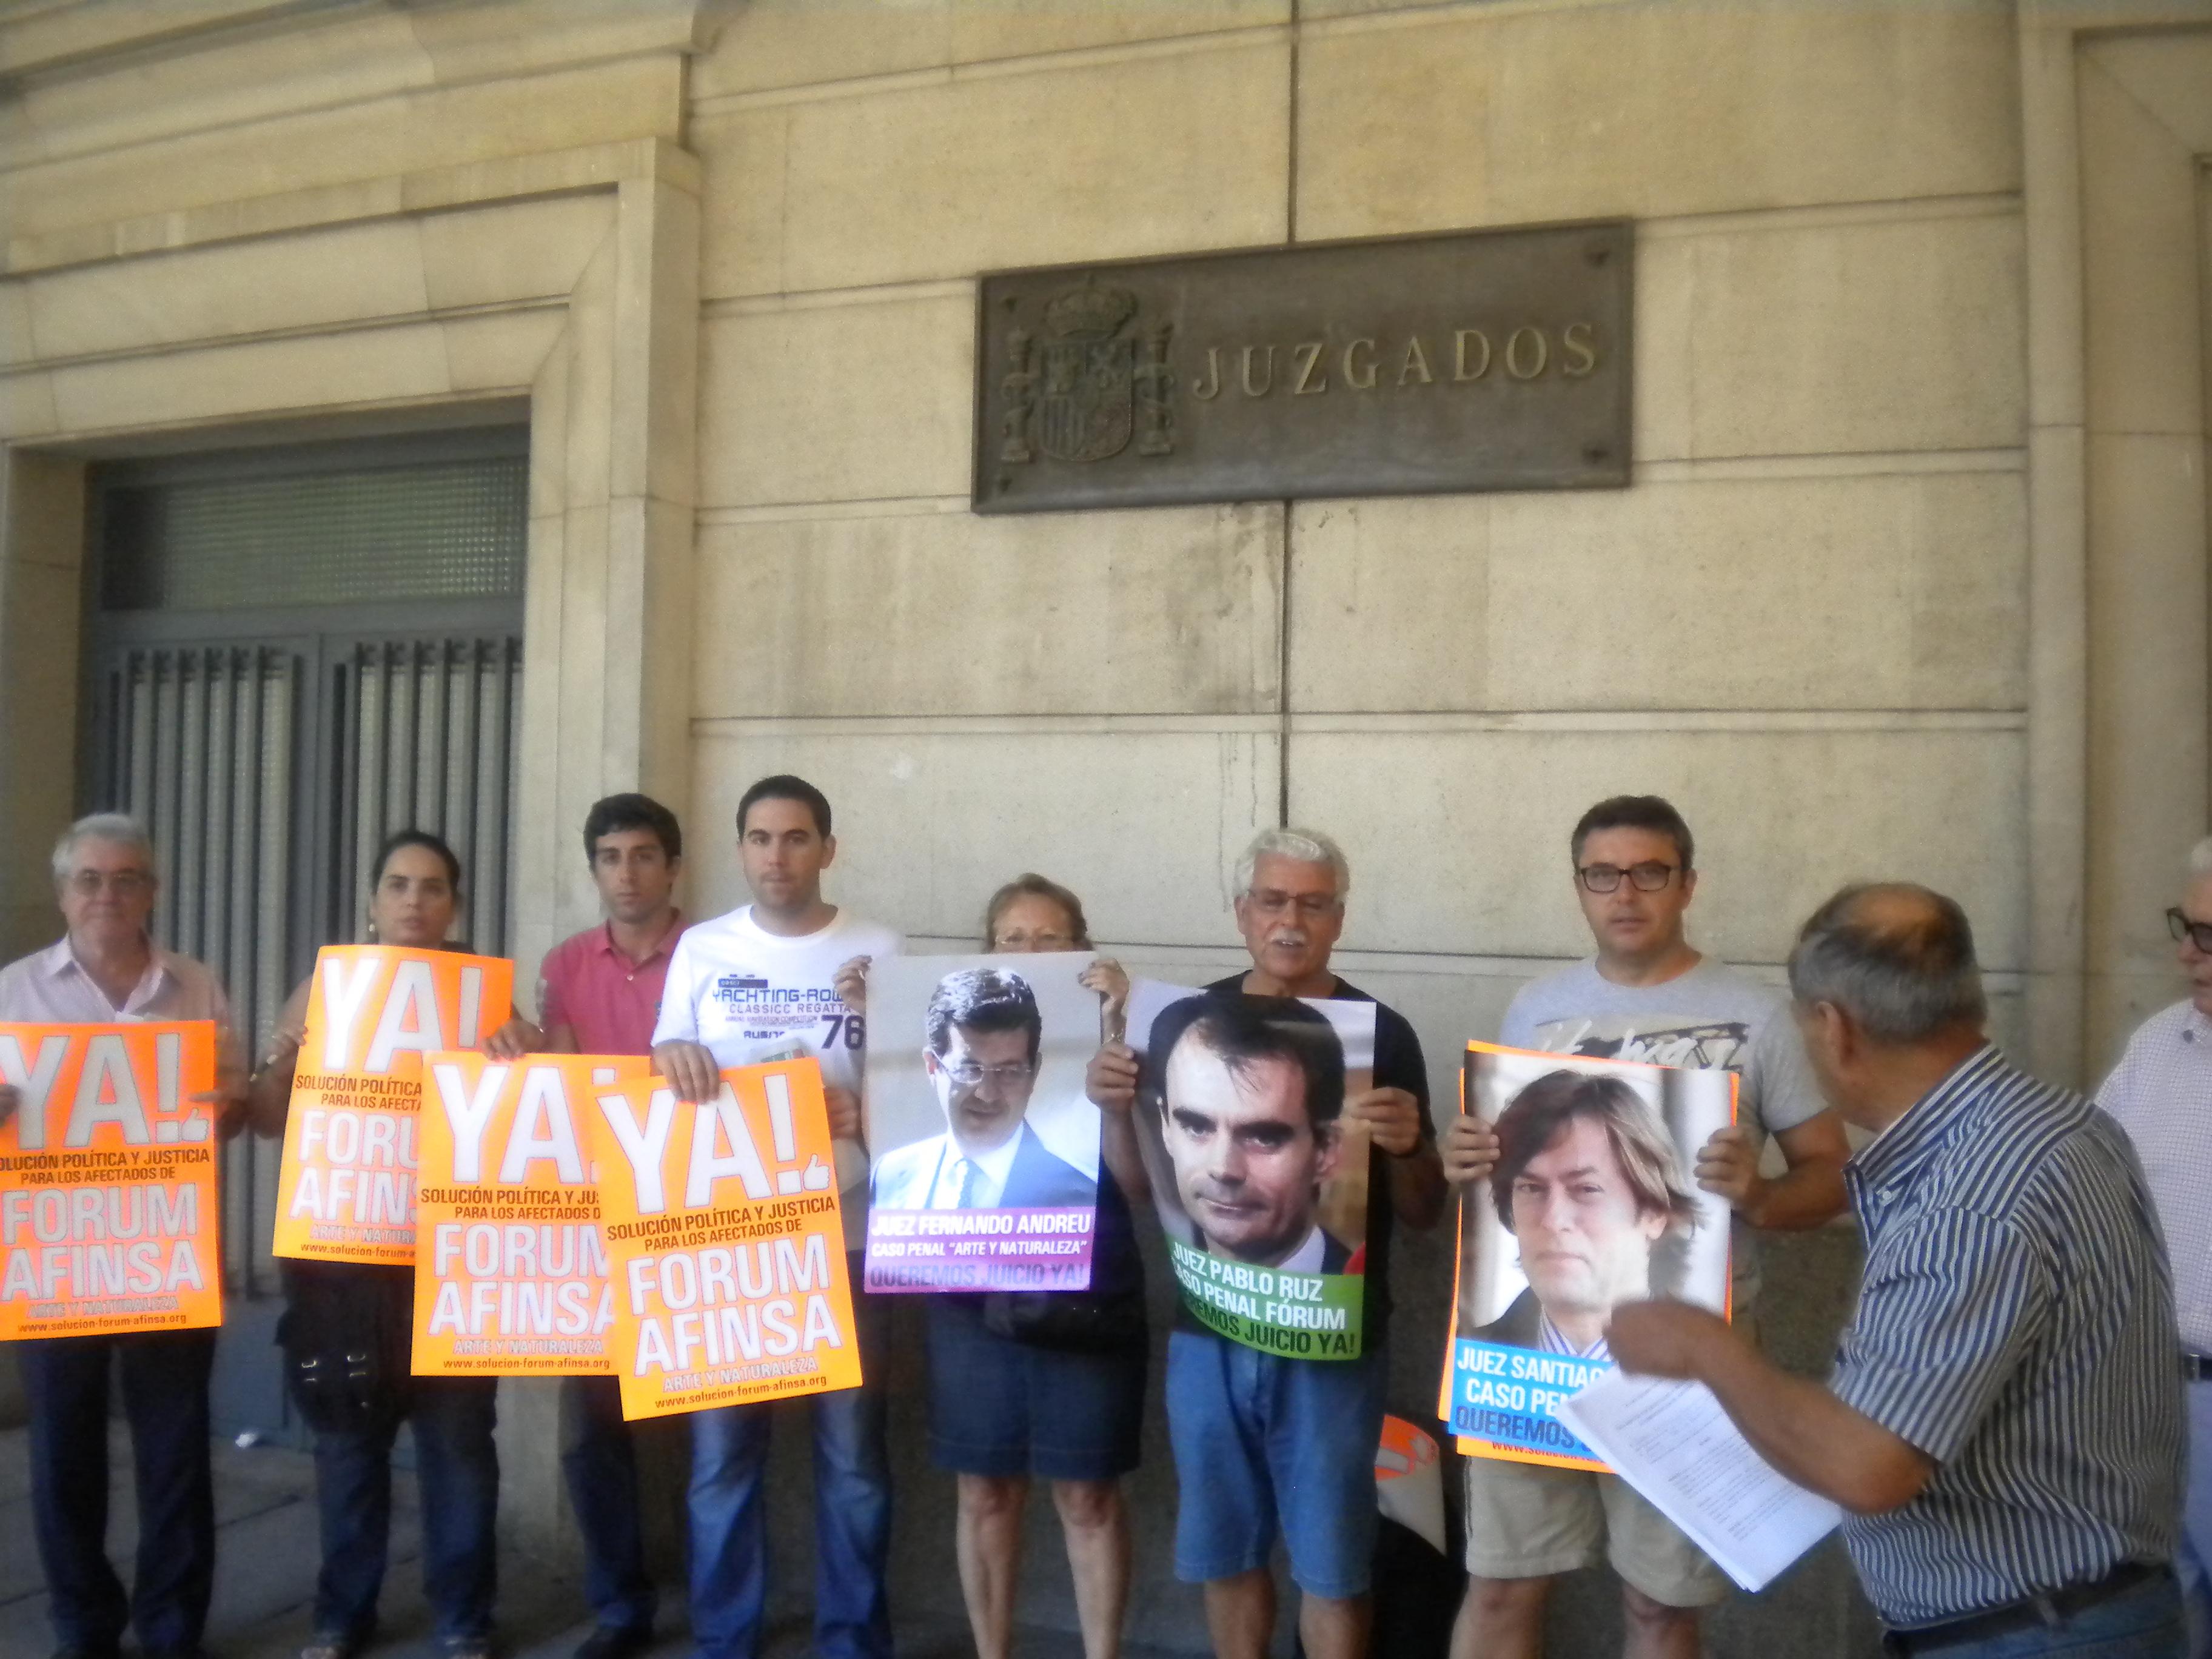 SEVILLA- ANDALUCÍA. LUGAR: Juzgados de Sevilla (prado de San Sebastian) a las 11:00 horas. Concentración y entrega de quejas a la Justicia.